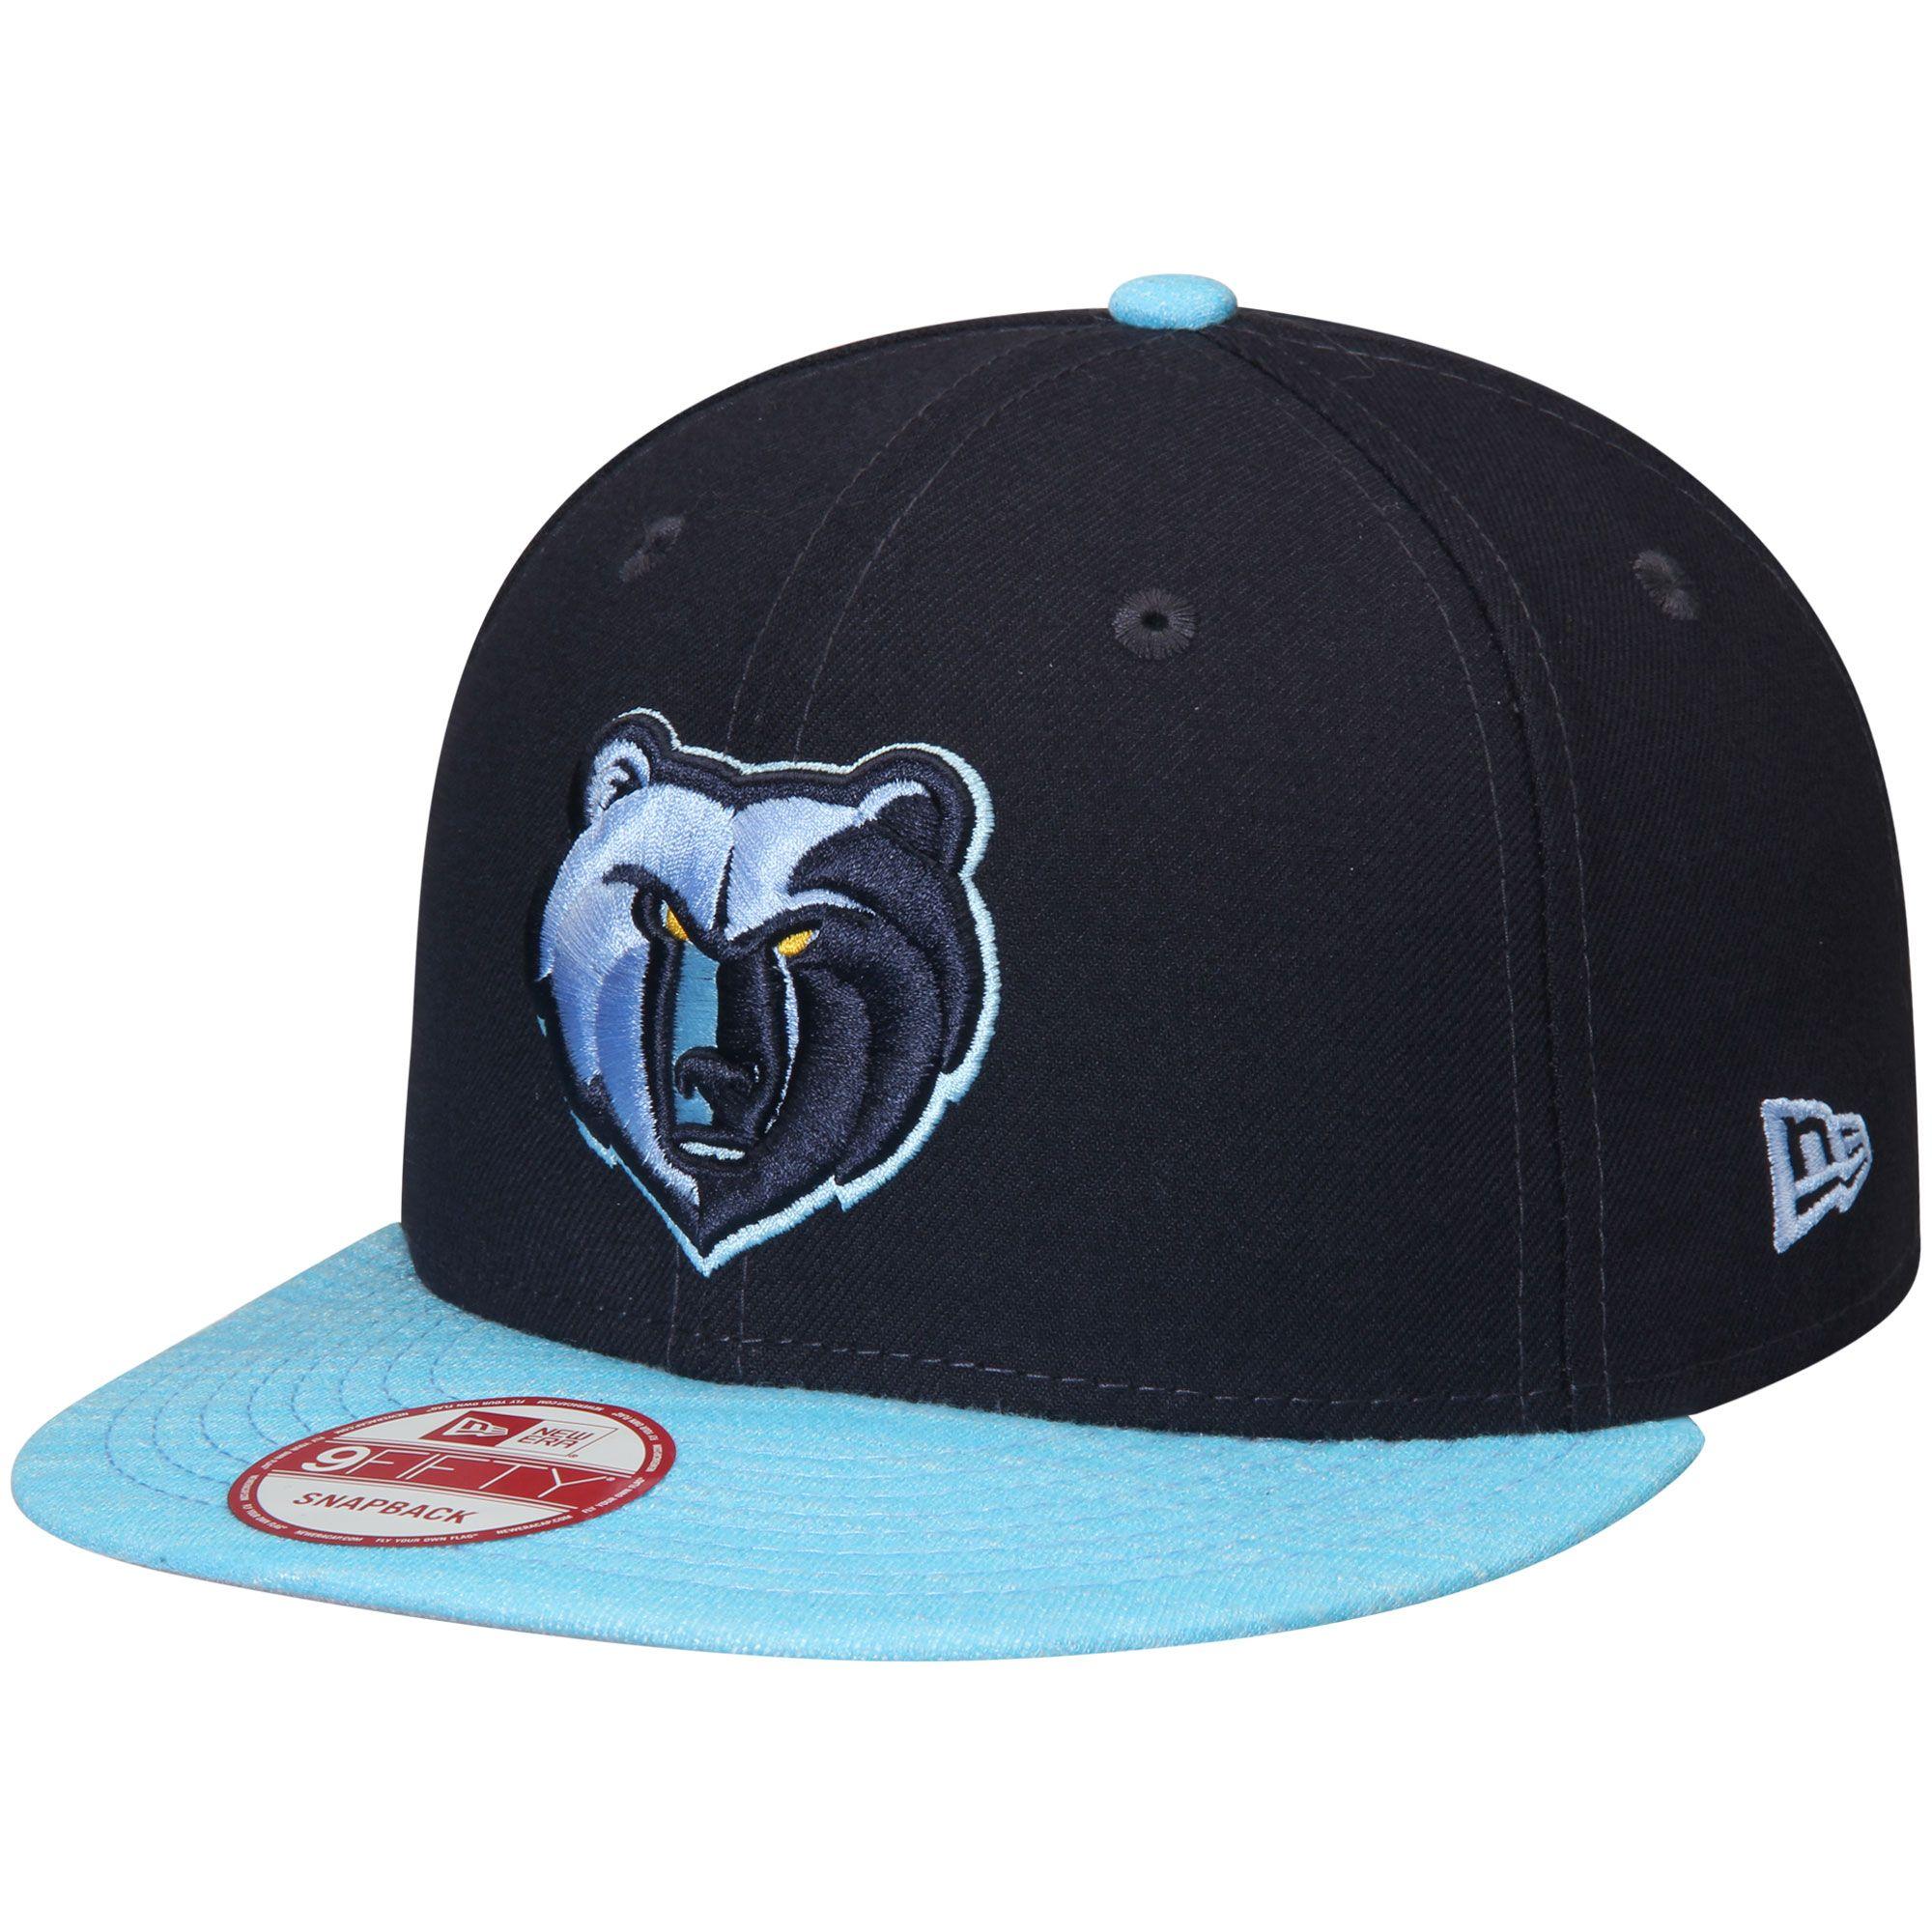 220f4f1510d Men s Memphis Grizzlies New Era Navy Blue Current Logo Team Solid 9FIFTY  Snapback Adjustable Hat